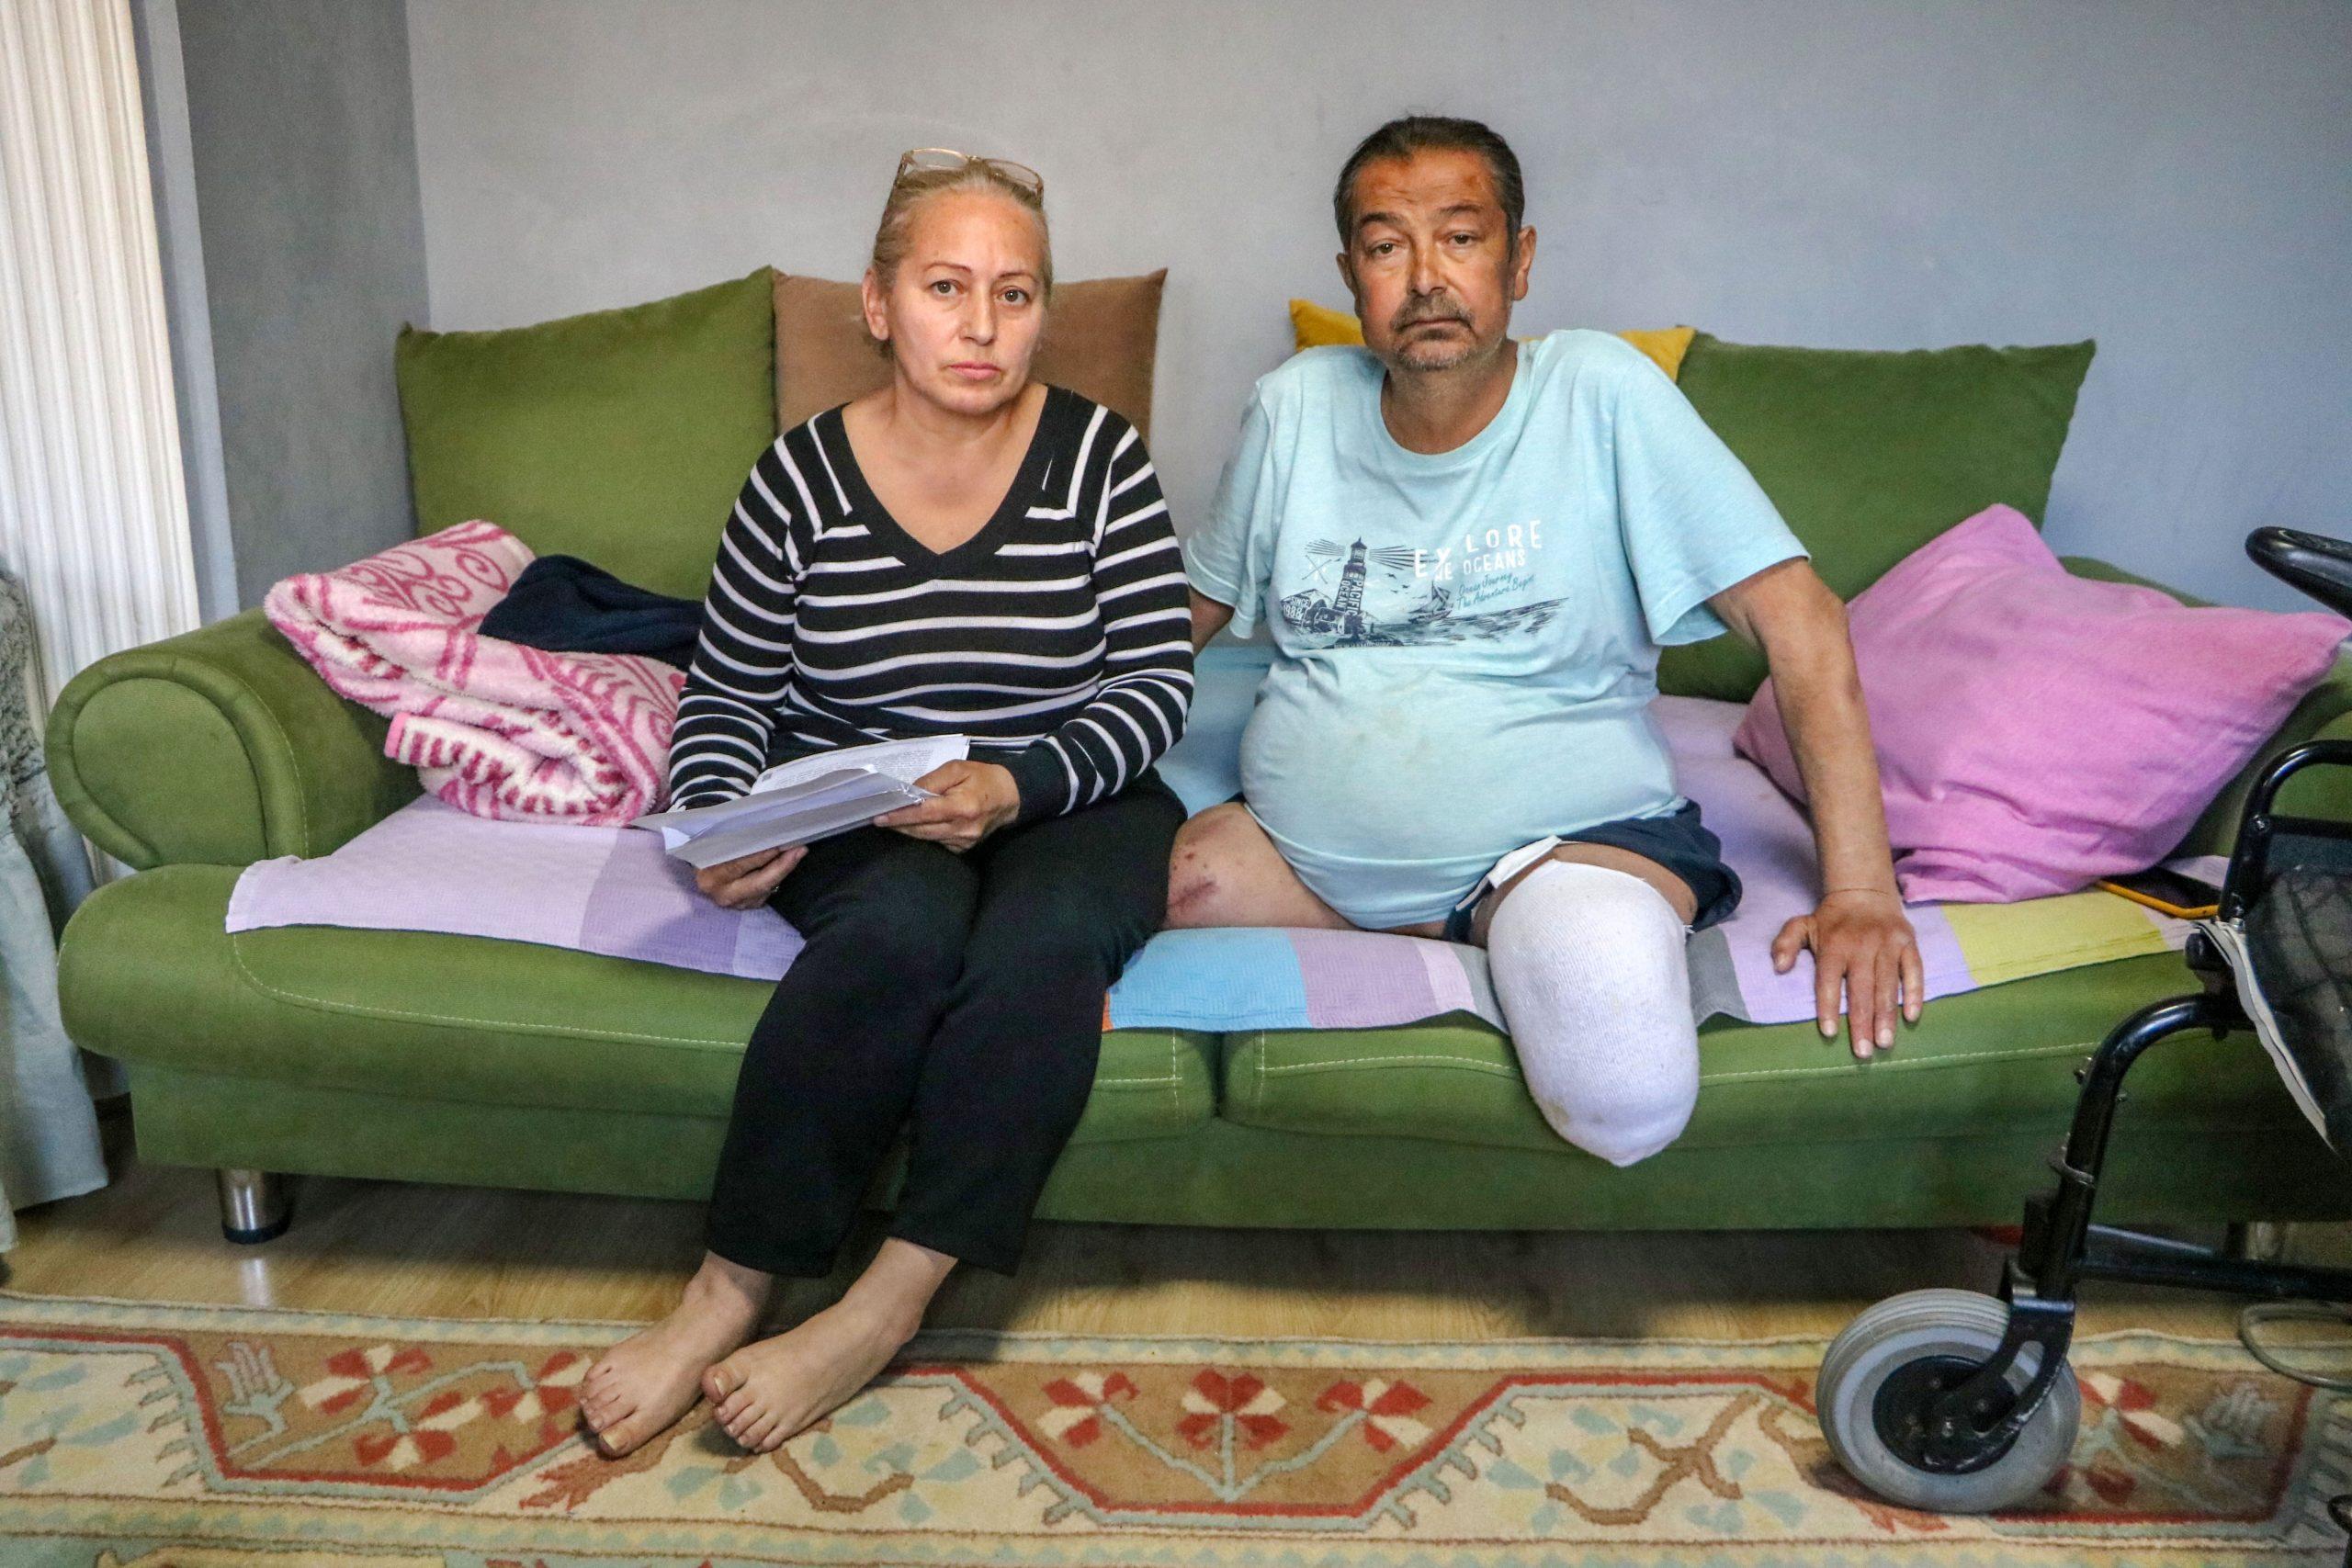 Engelli 20 Bin Lirayı Sahte Doktora Kaptırdı